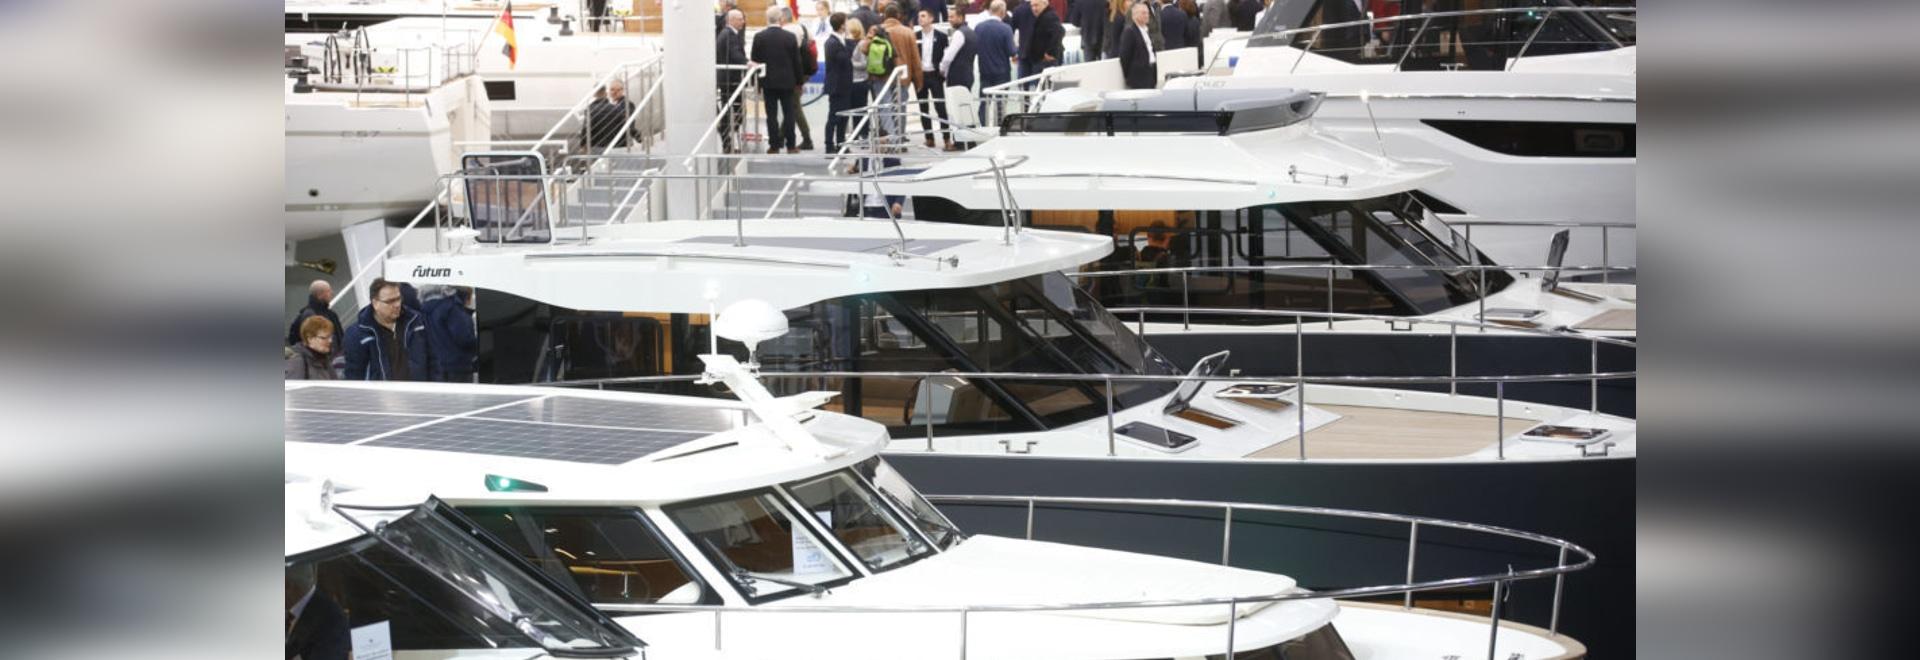 Le marché des sports nautiques est resté stable en 2019